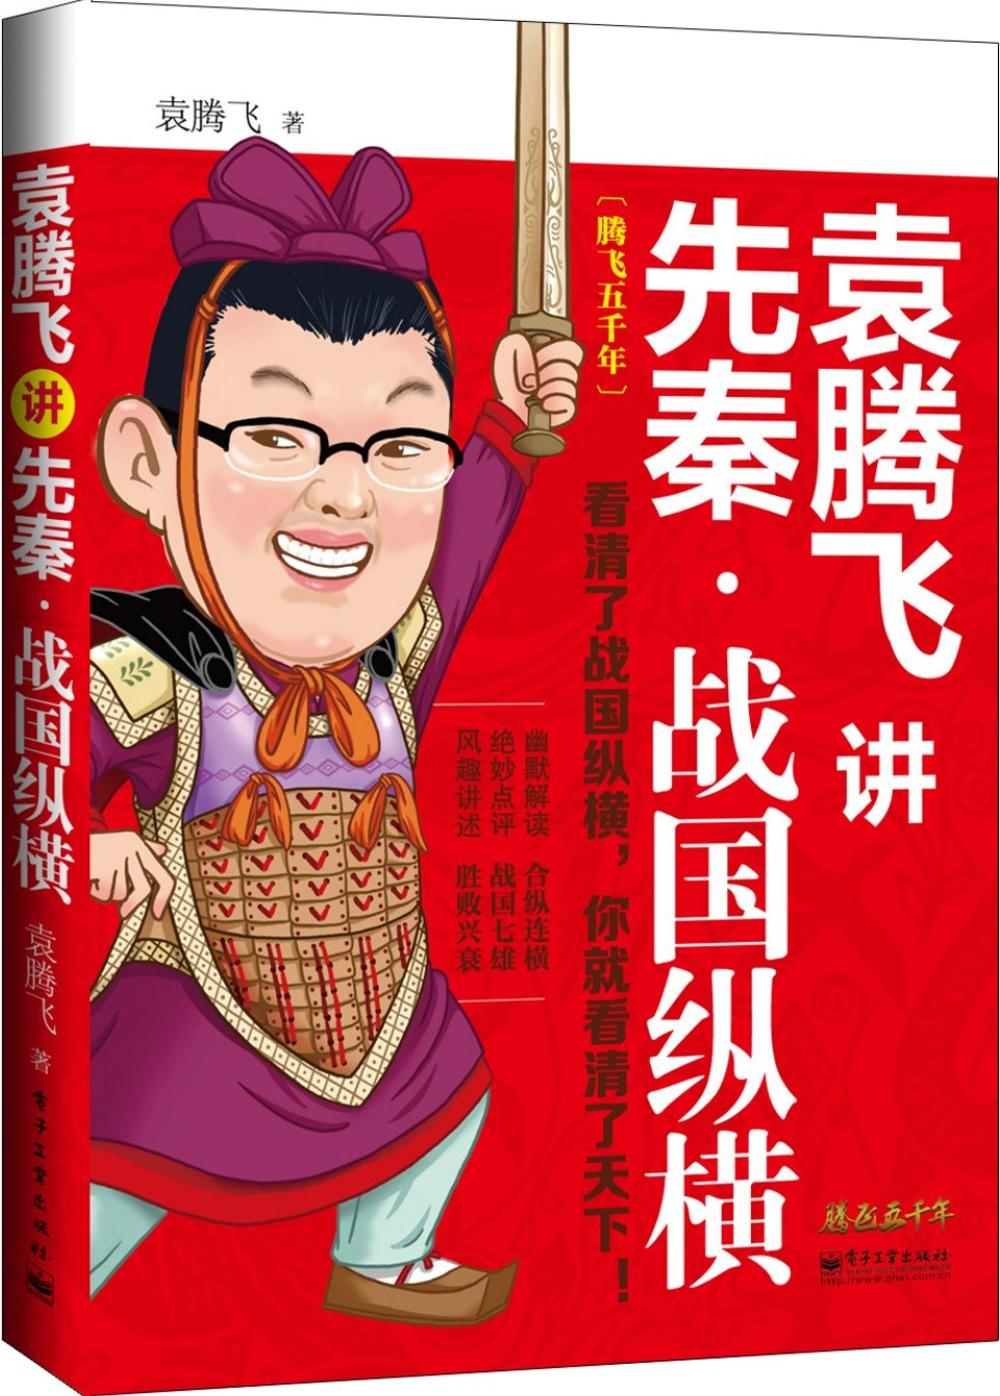 袁騰飛講先秦:戰國縱橫